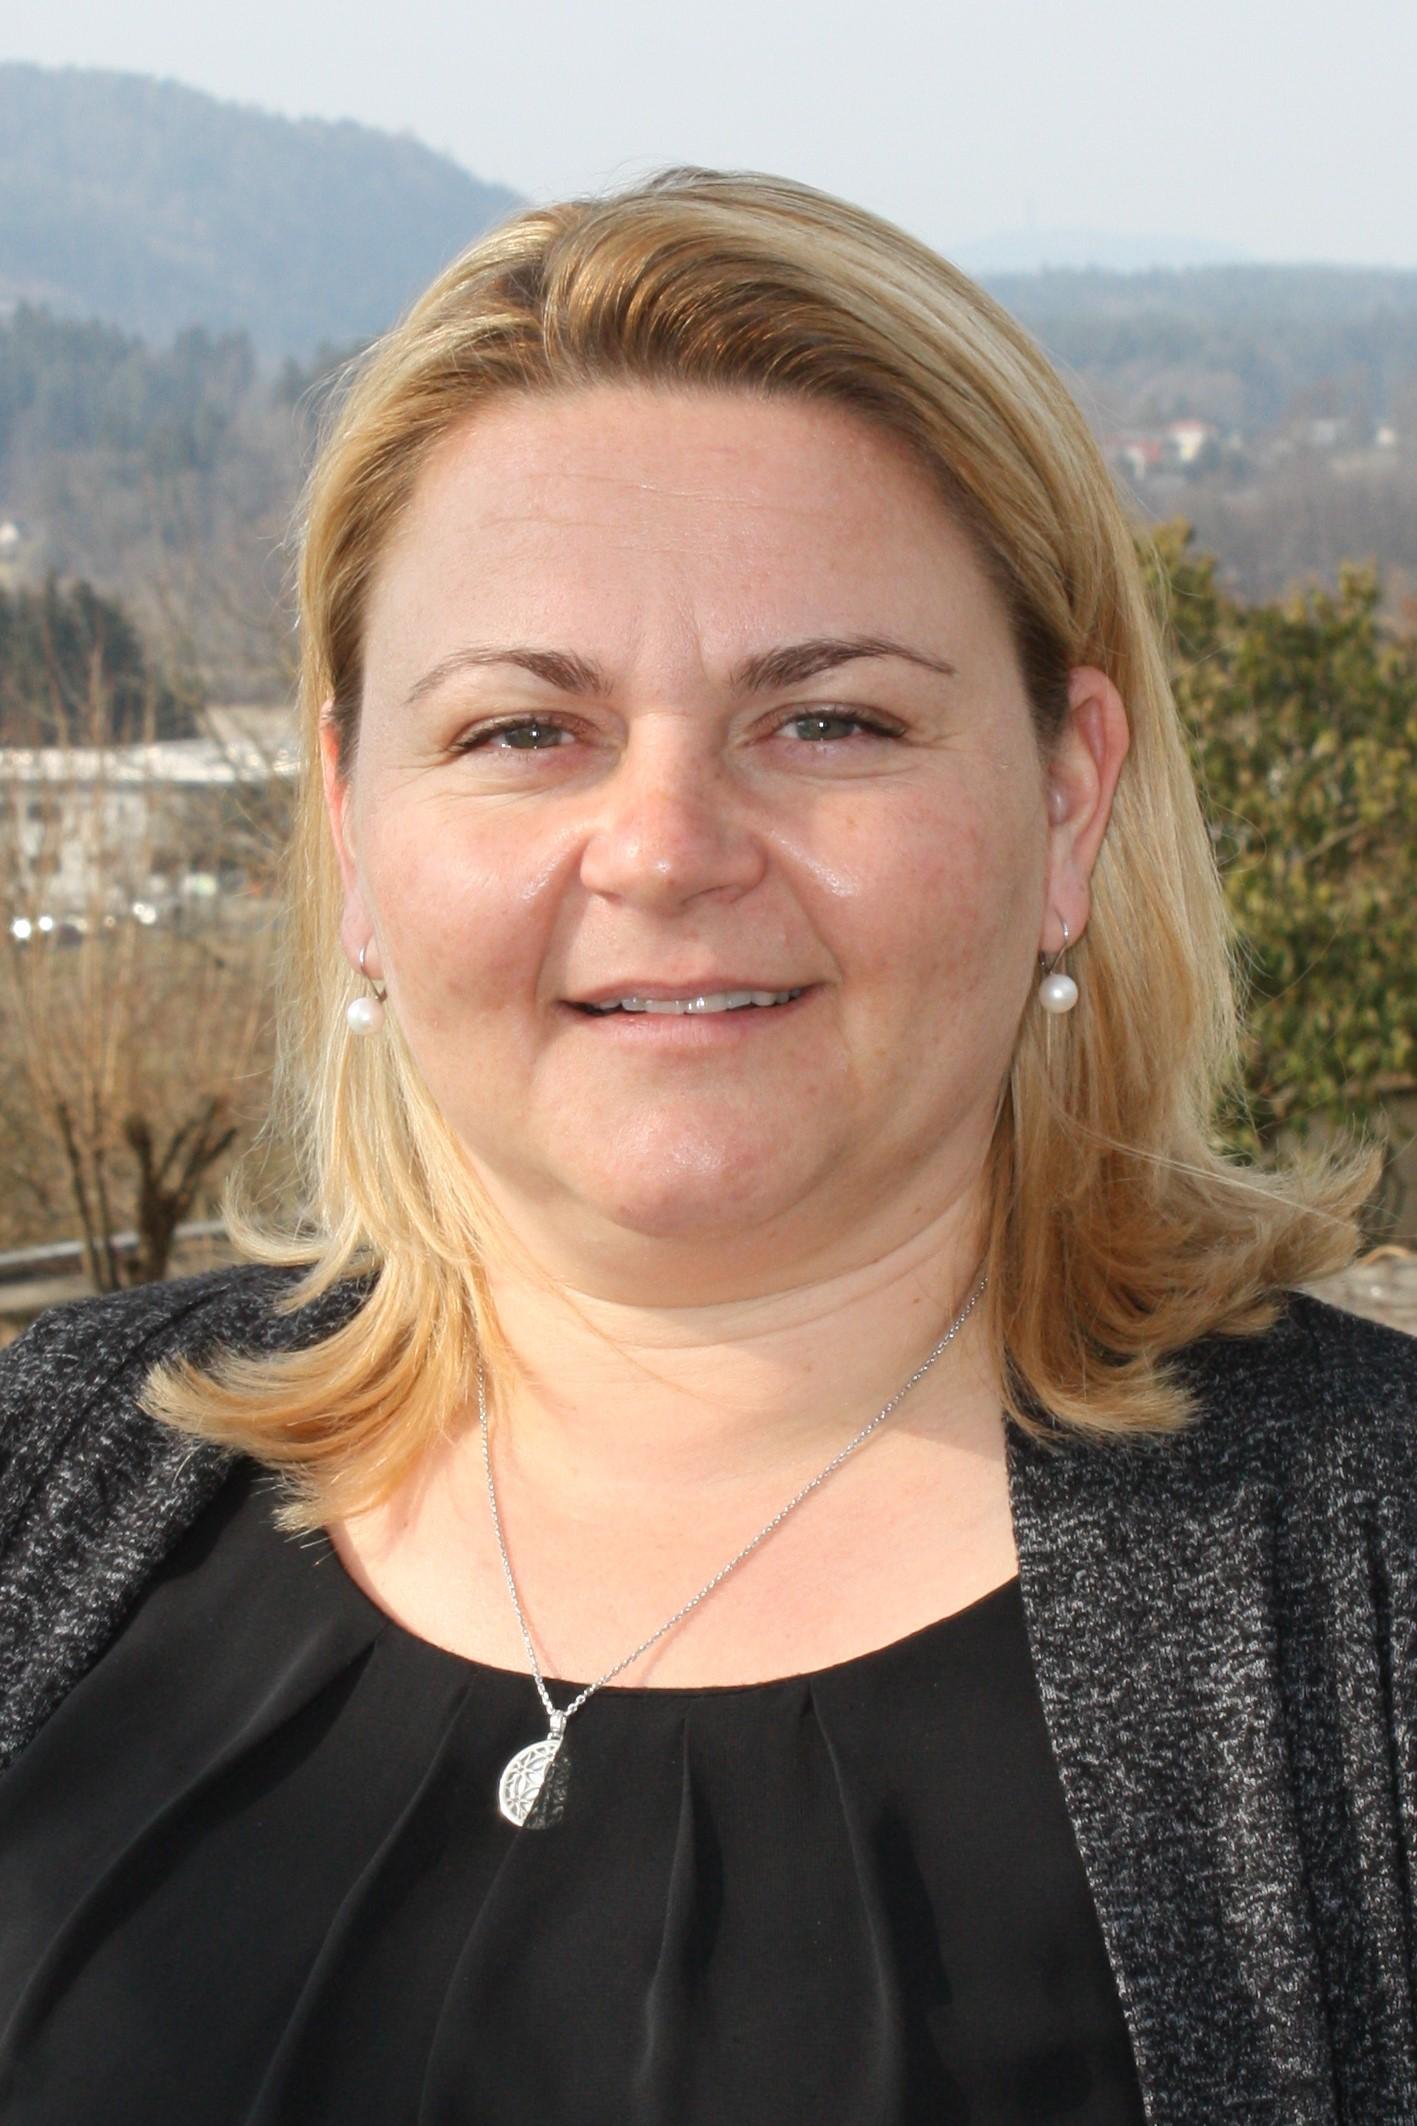 Verena Gruber